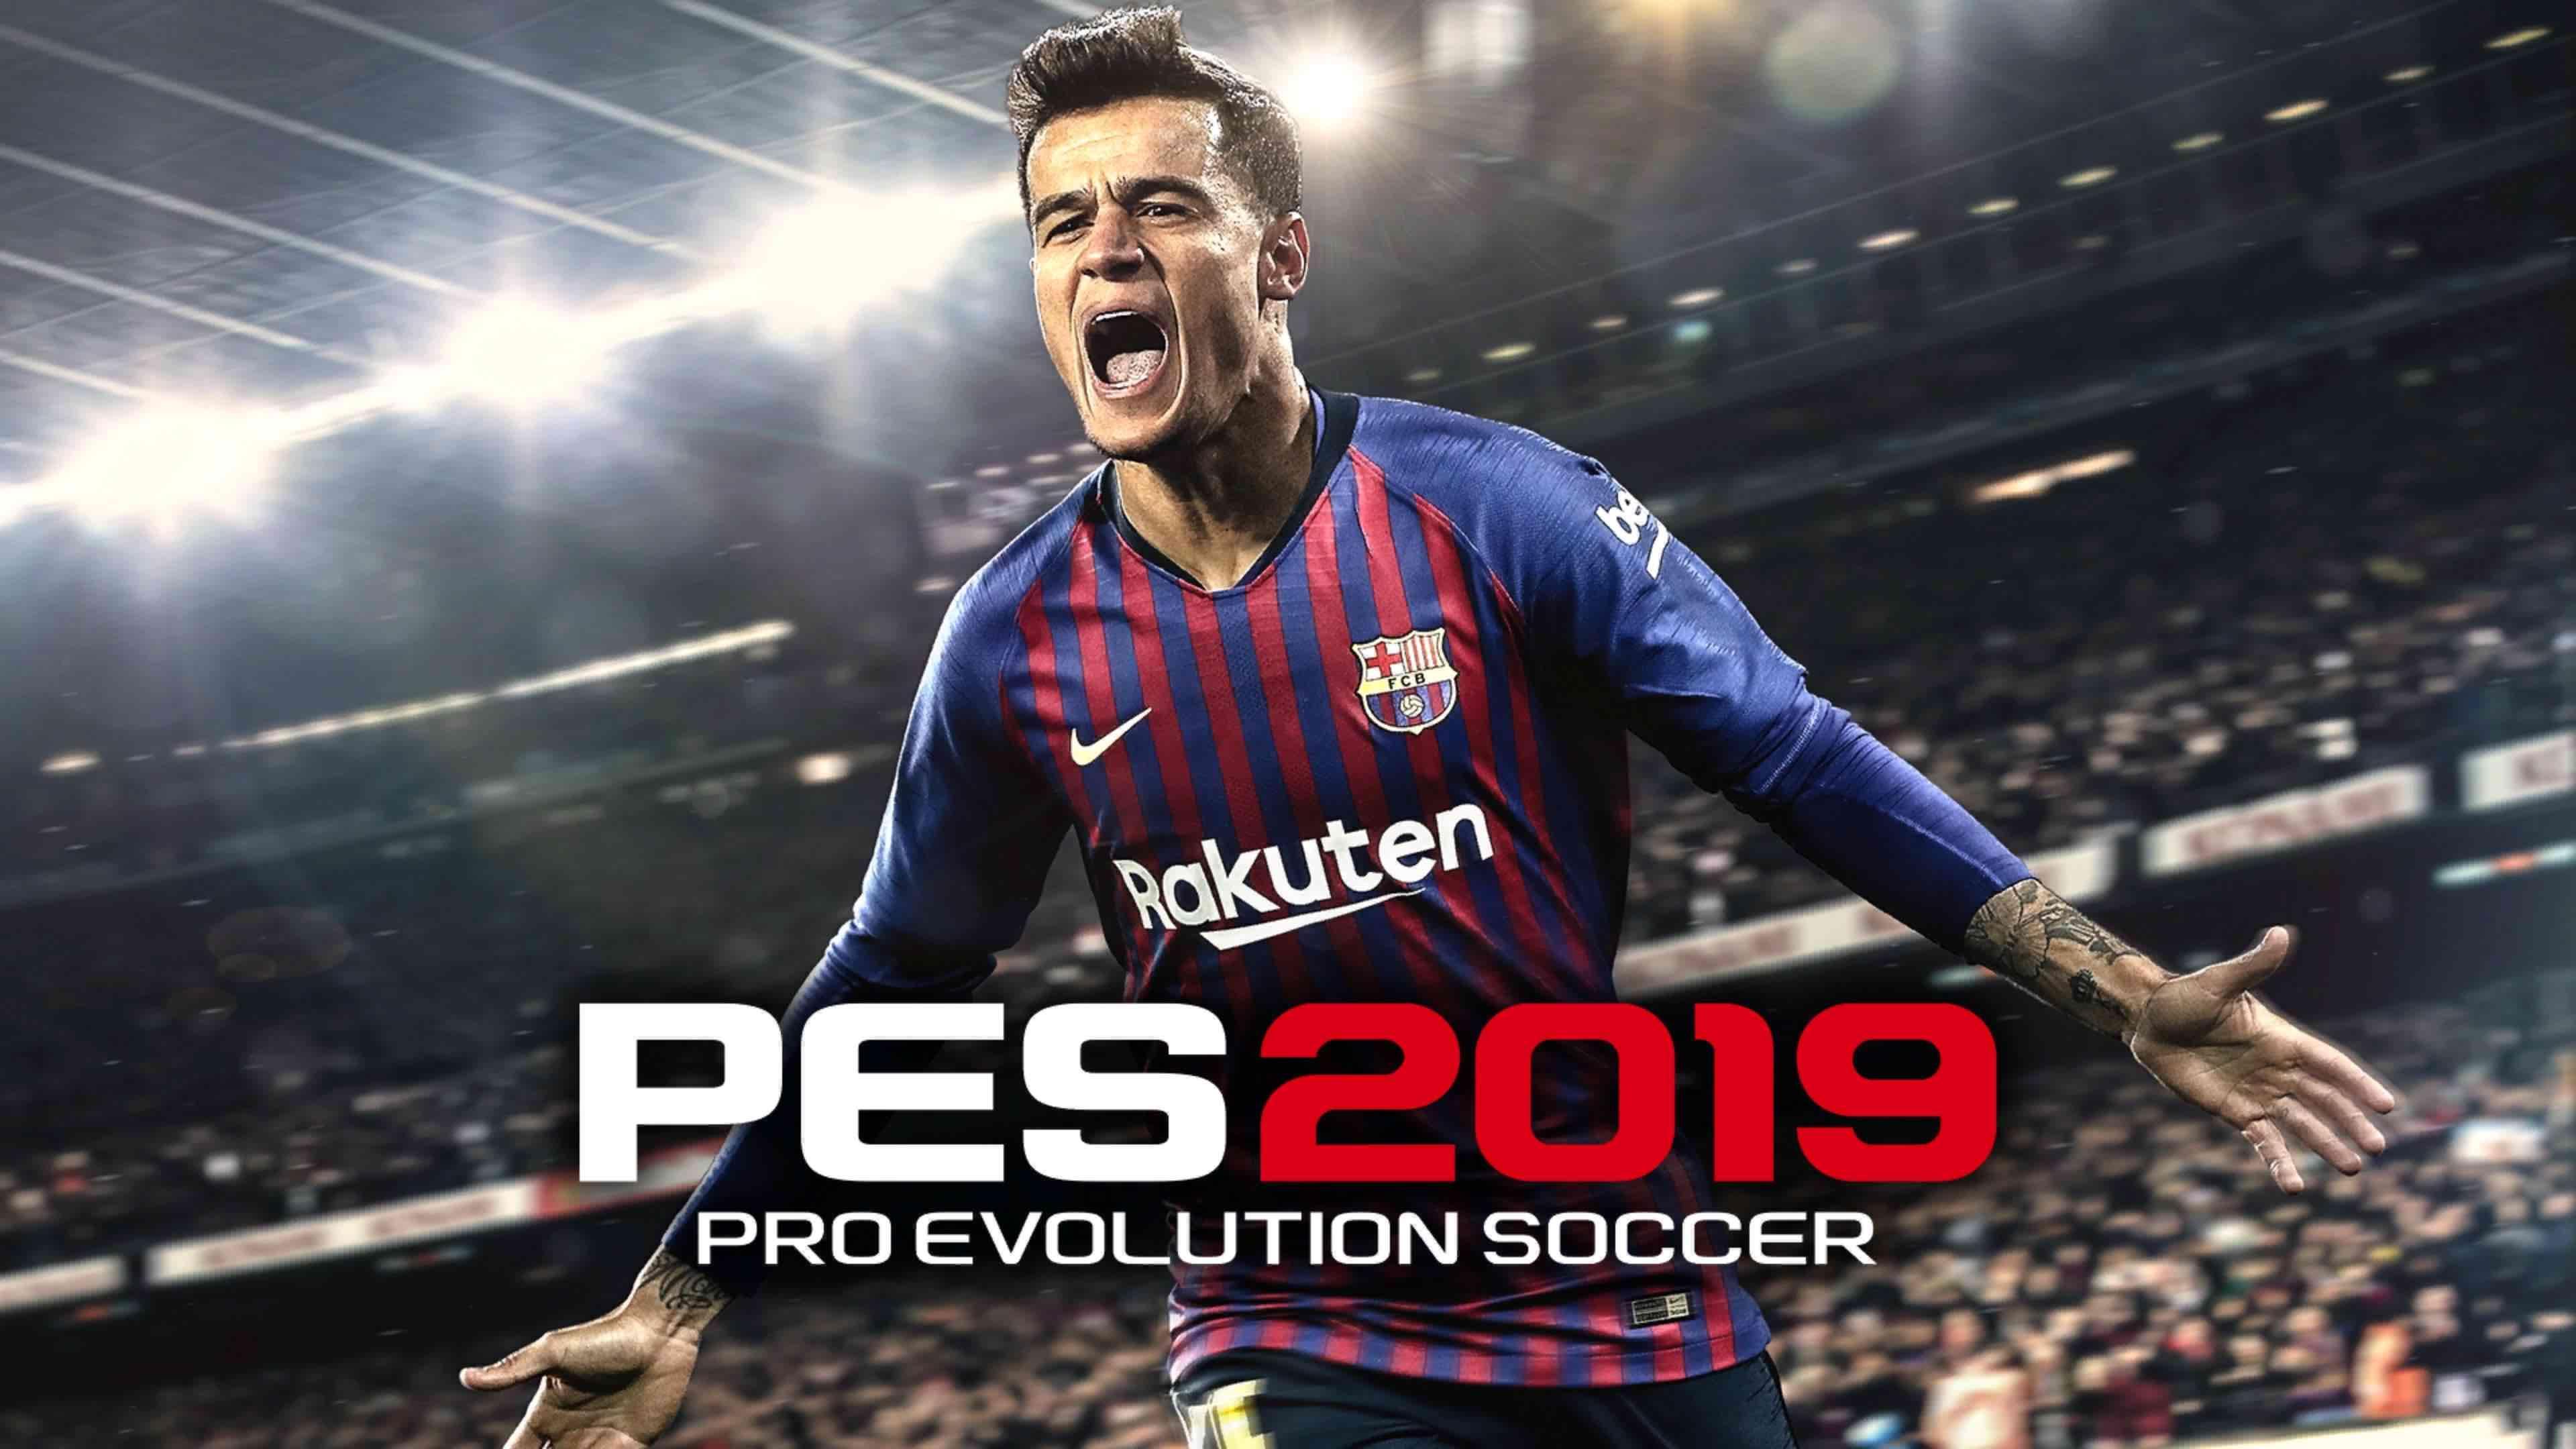 Jugar gratis a PES 2019